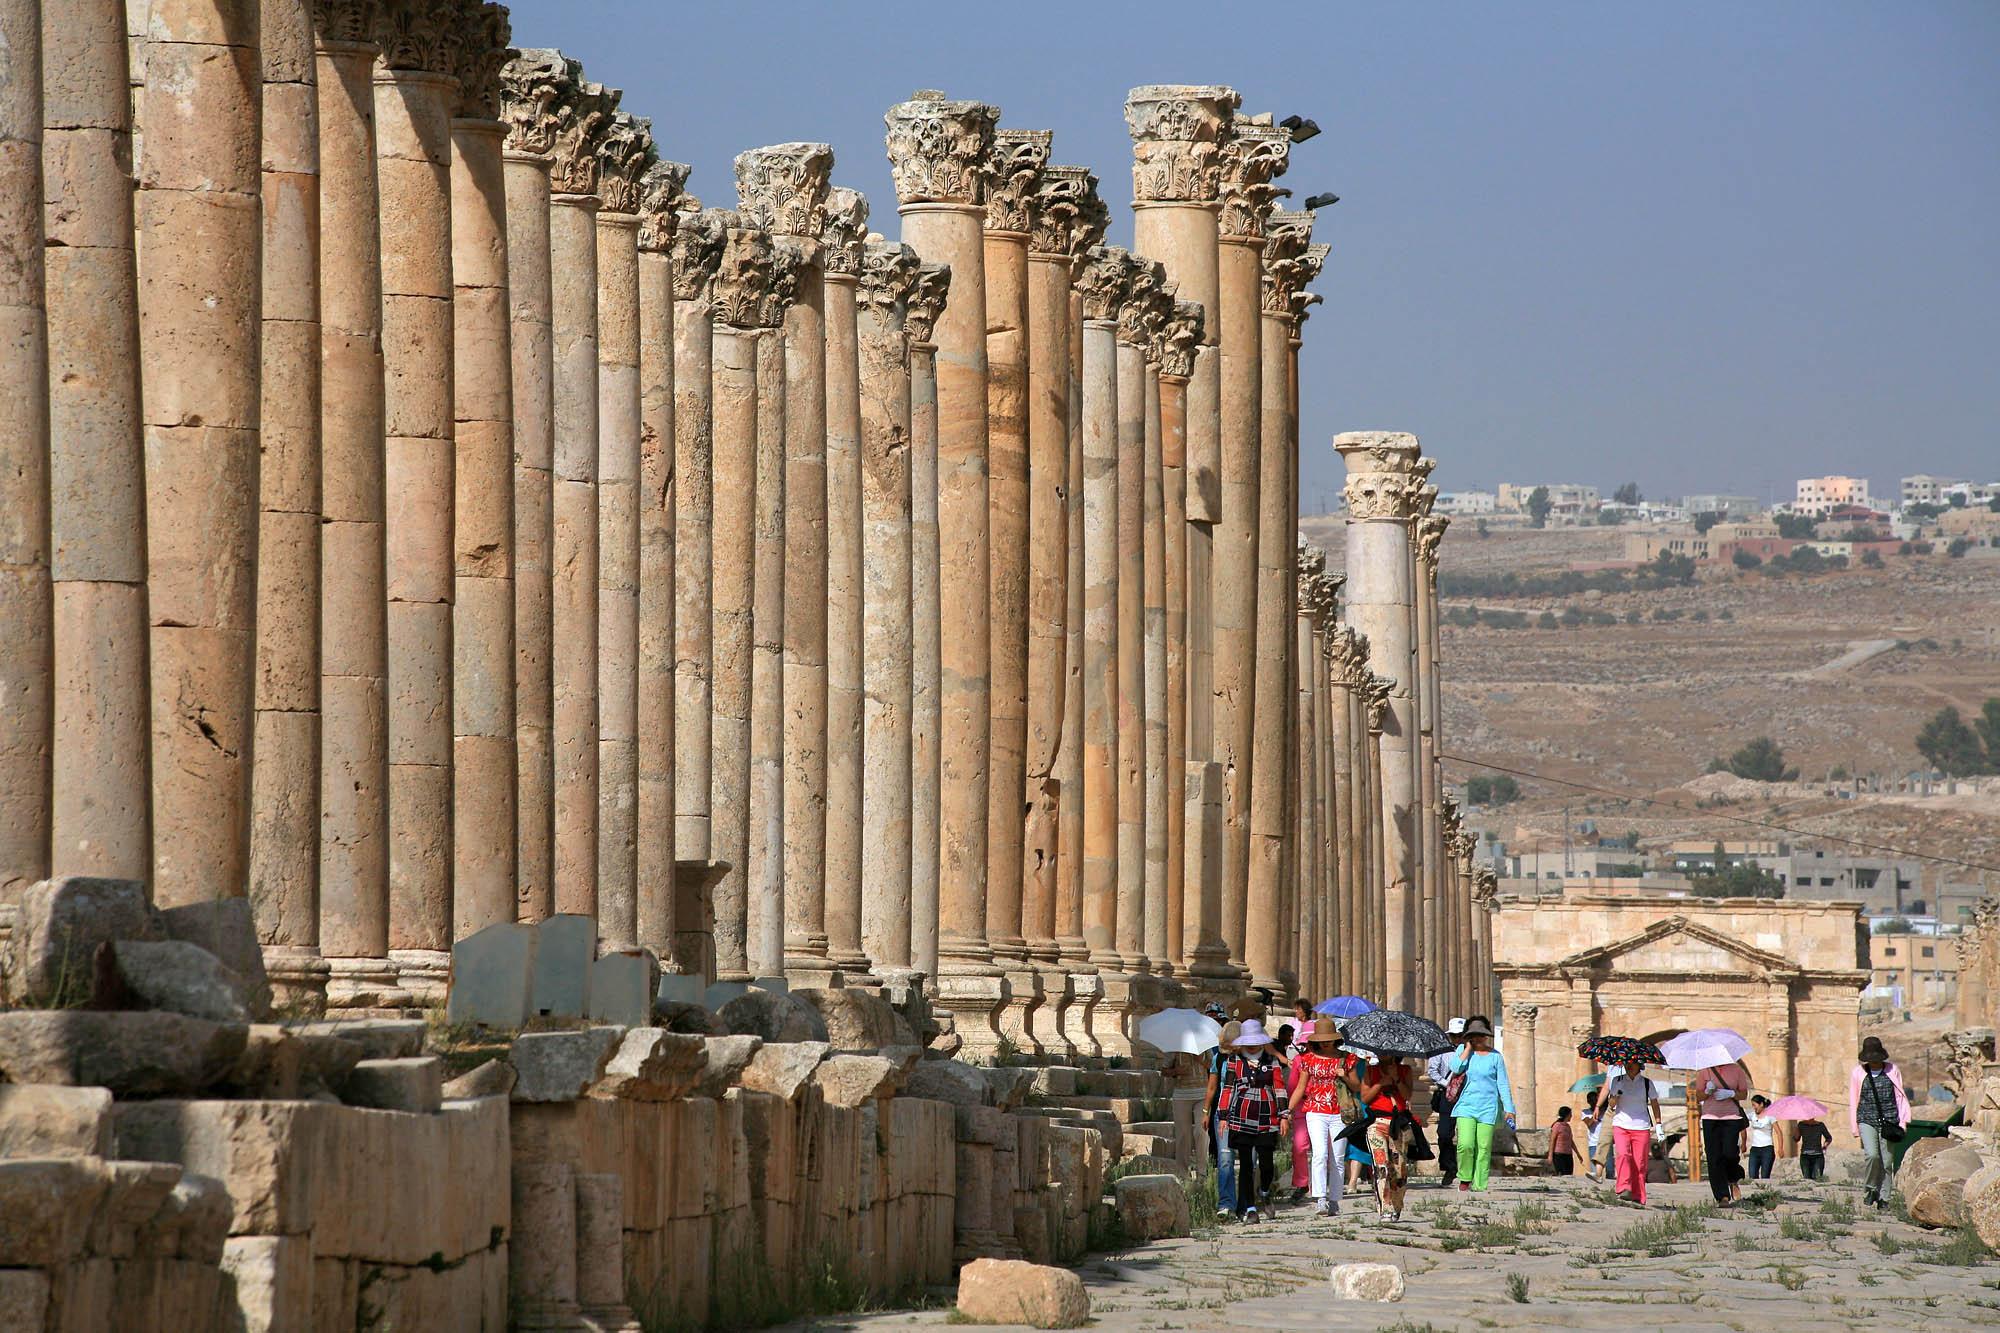 jerashcolonade Colonnade, Jerash, Jordan, 2008